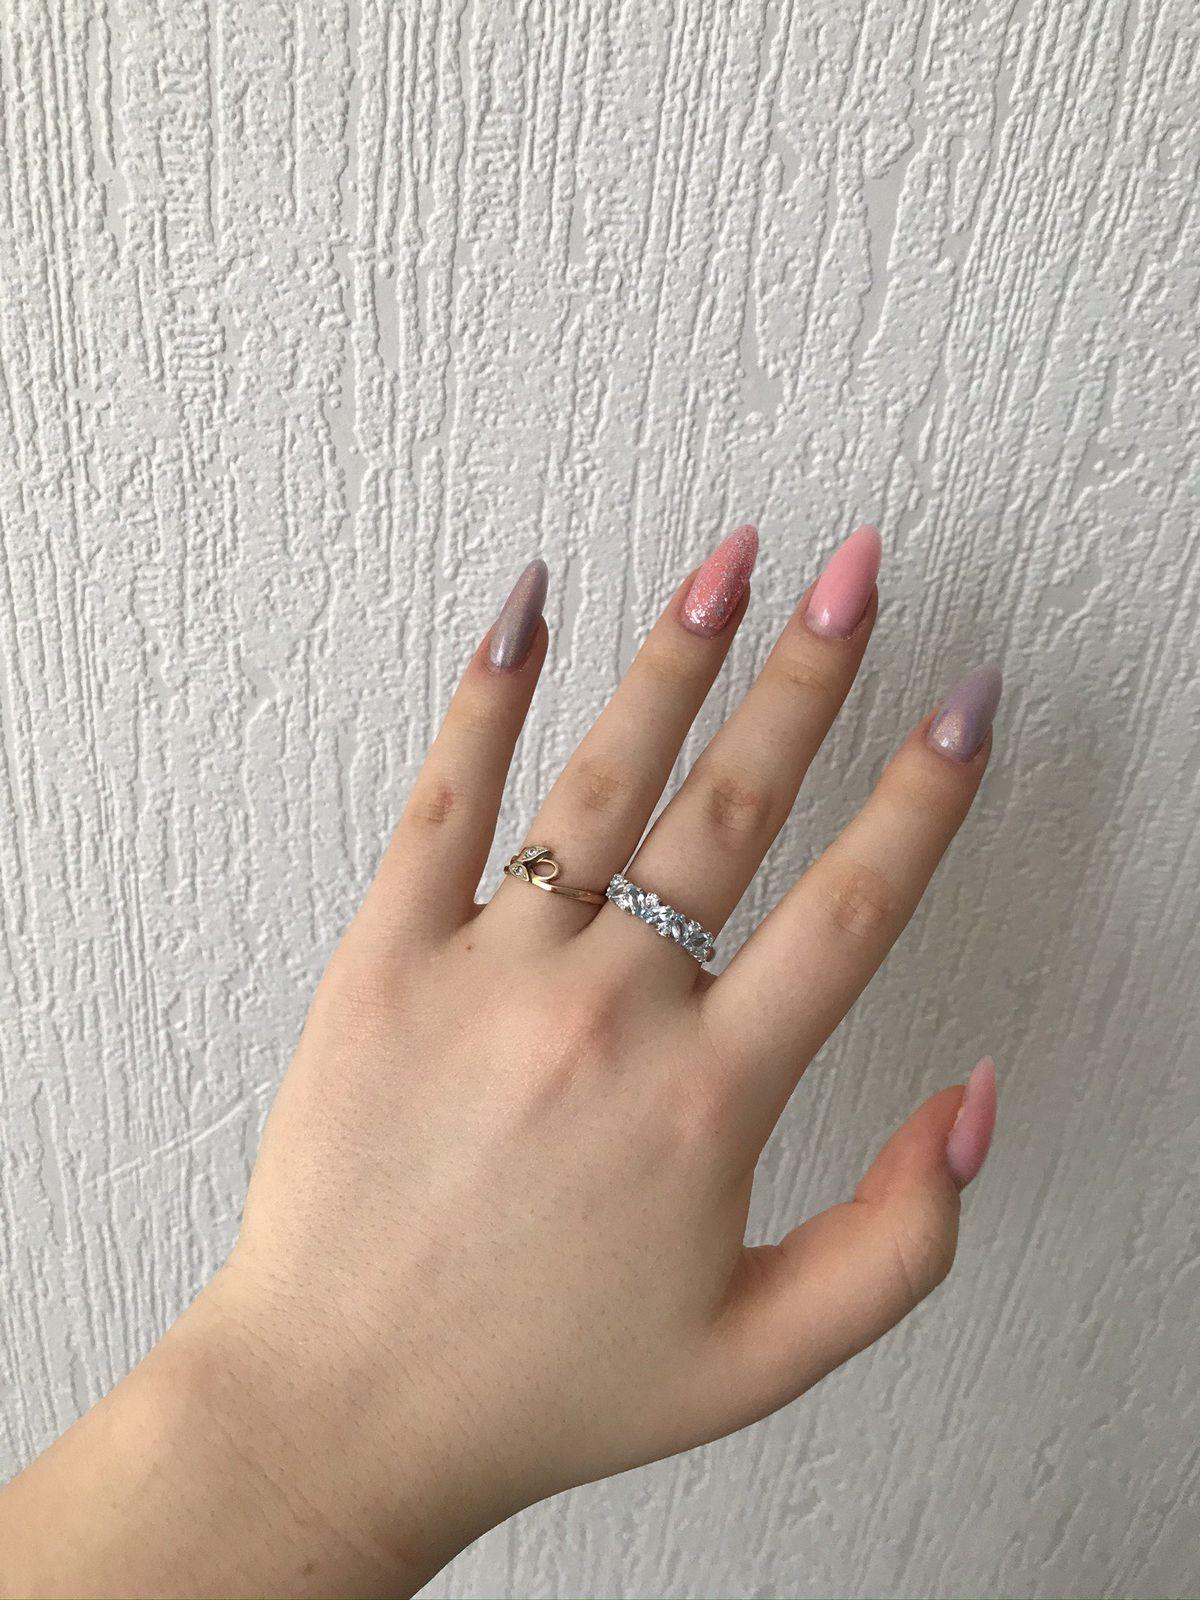 Кольцо мне очень понравилось